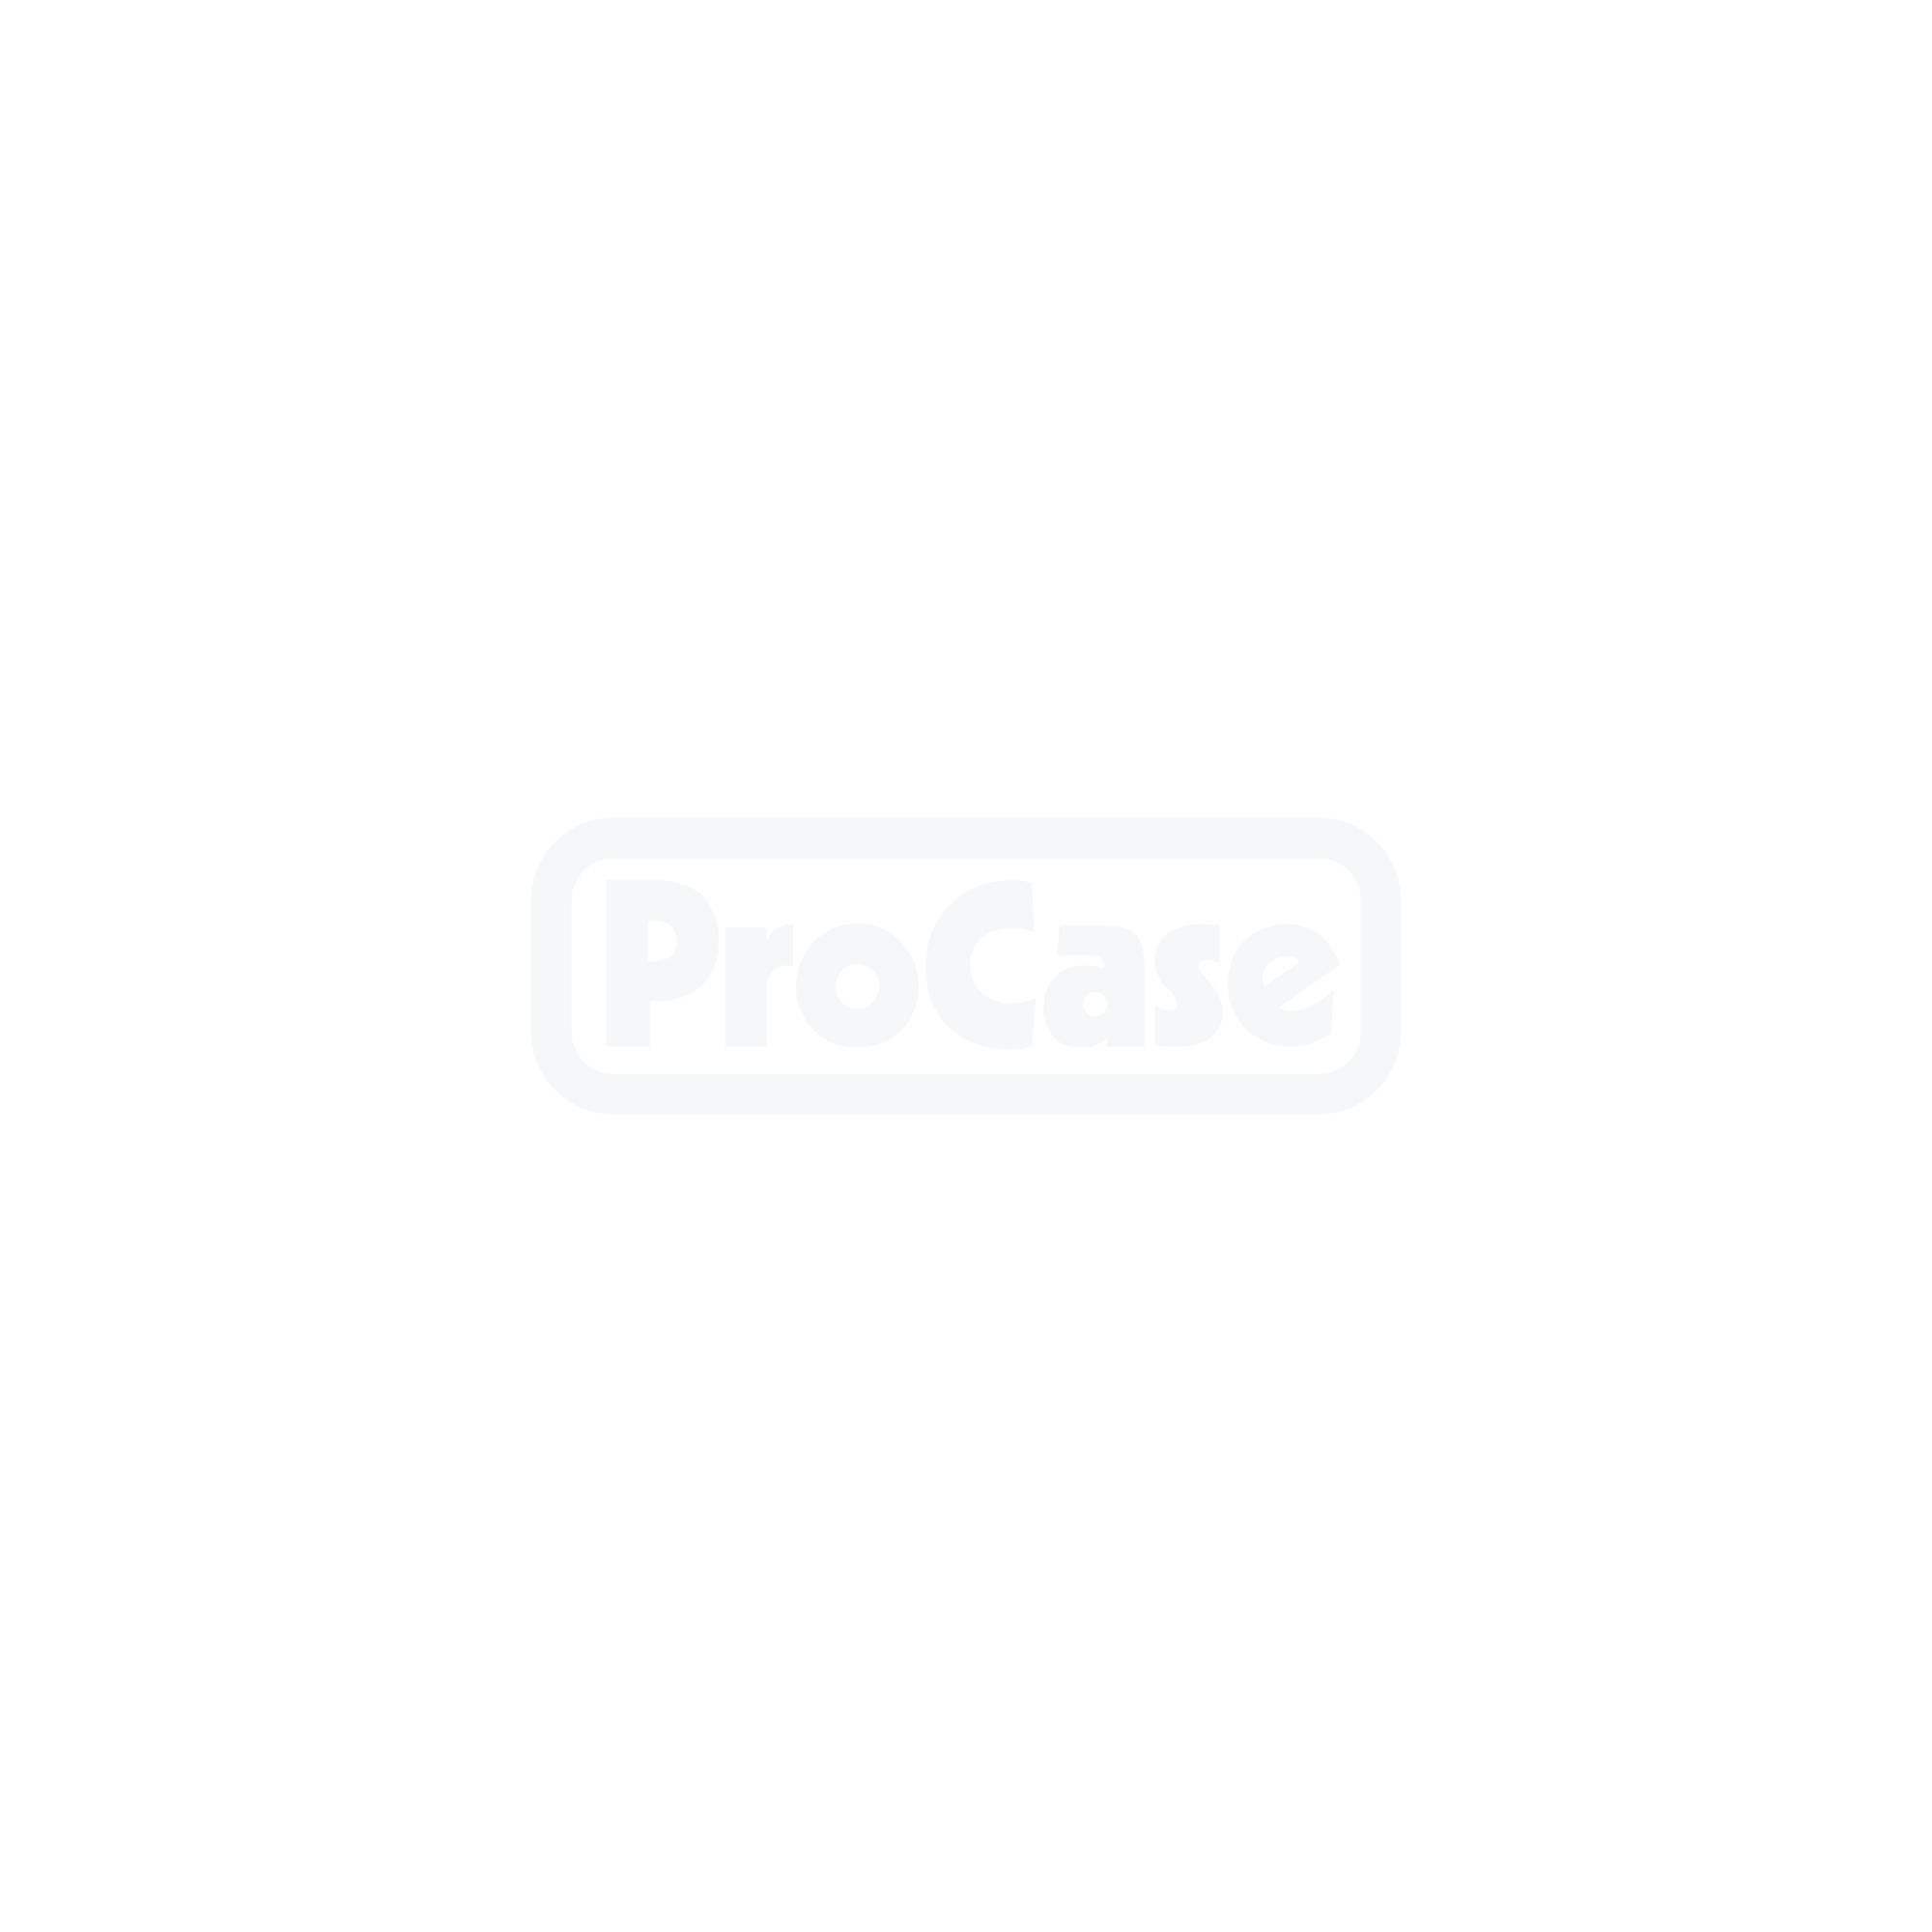 19 Zoll Standard Rack 15HE/13HE Singledoor mit Topdeckel